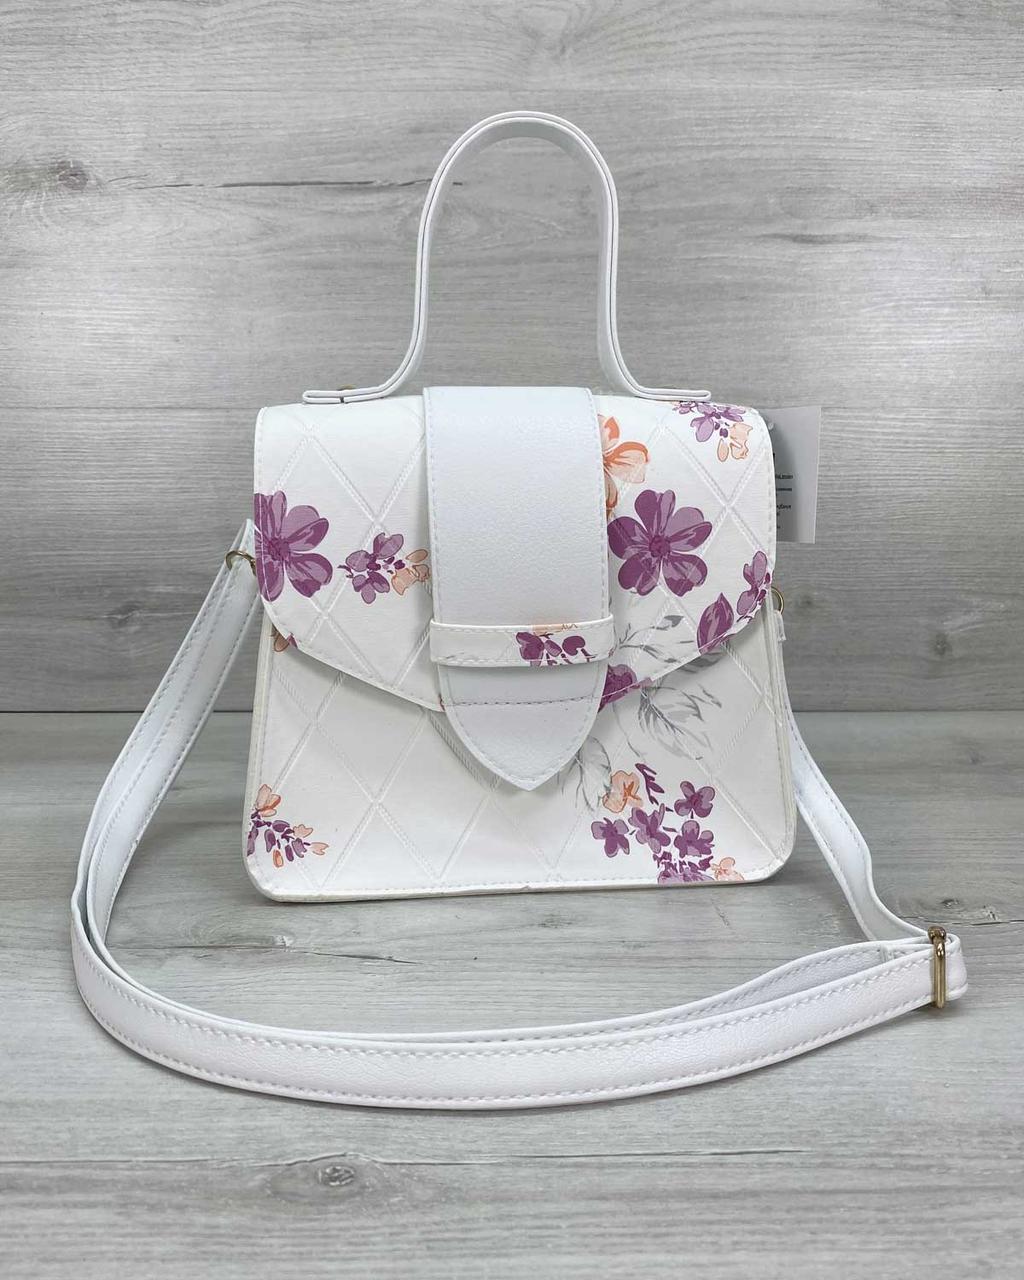 Сумка клатч через плечо женская Оби белая, маленькая сумочка на длинном ремешке